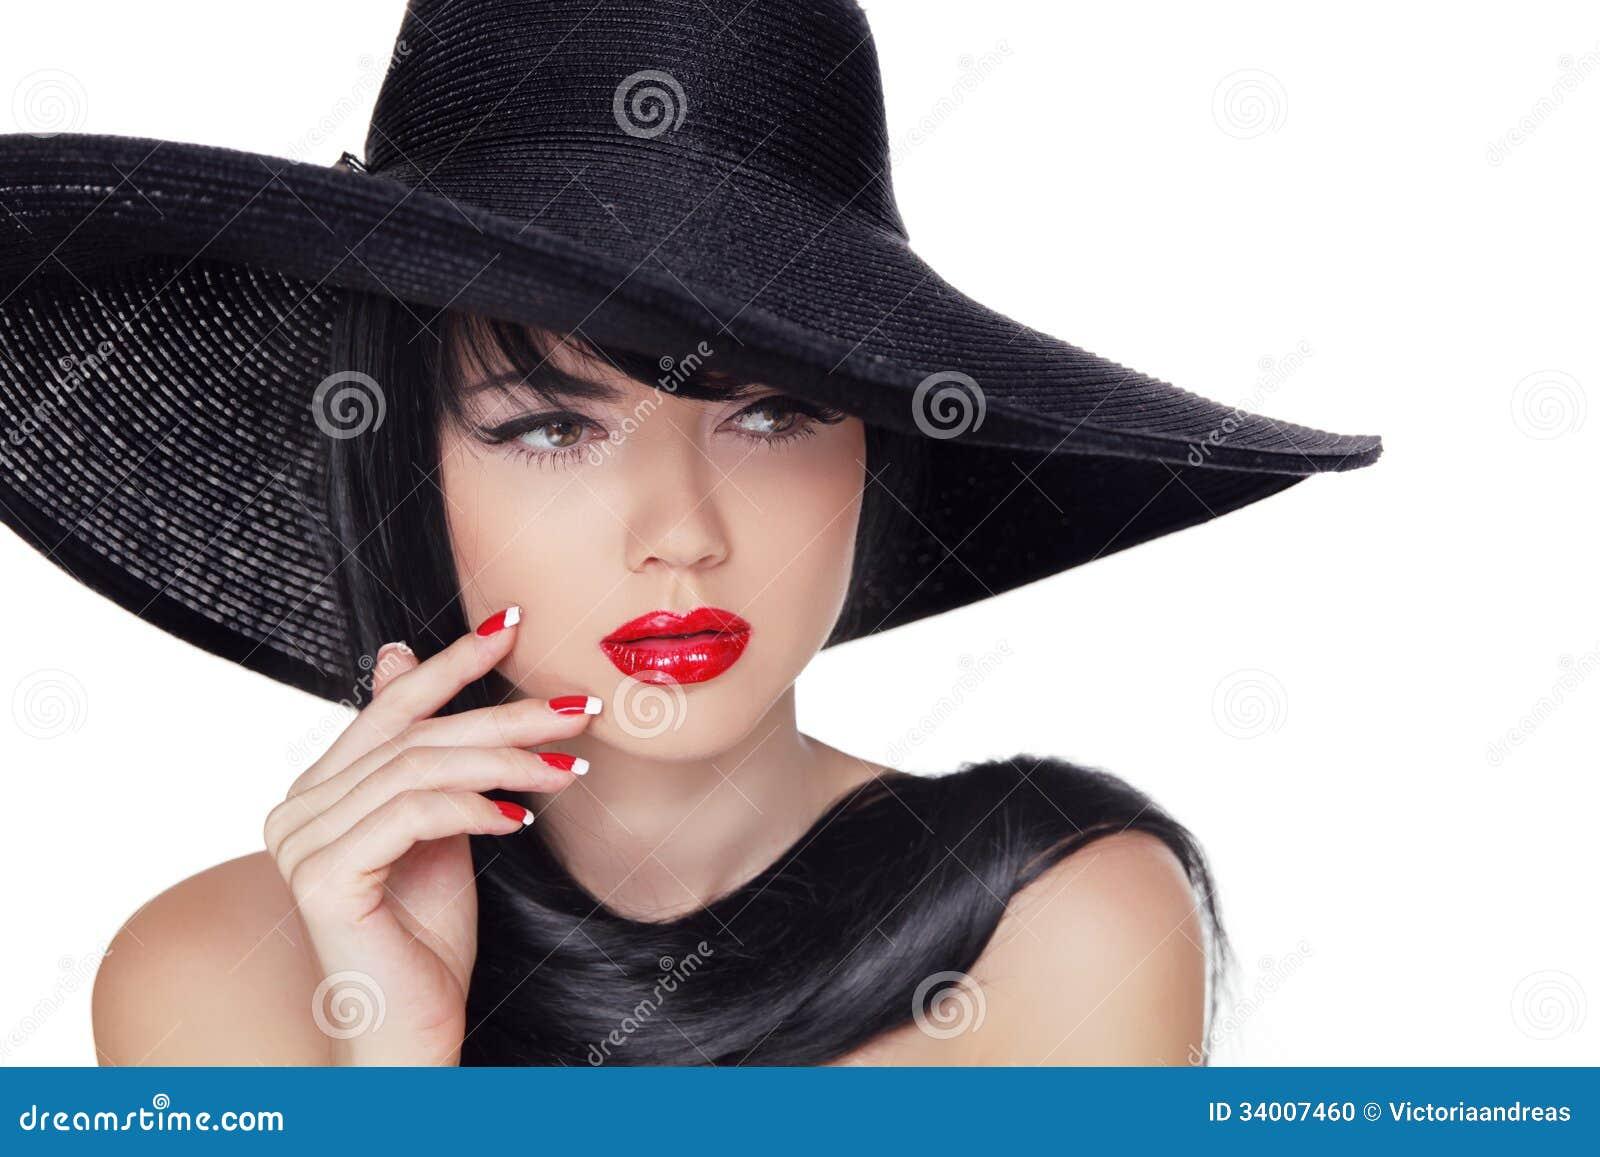 Фото брюнетки в черной шляпе 6 фотография